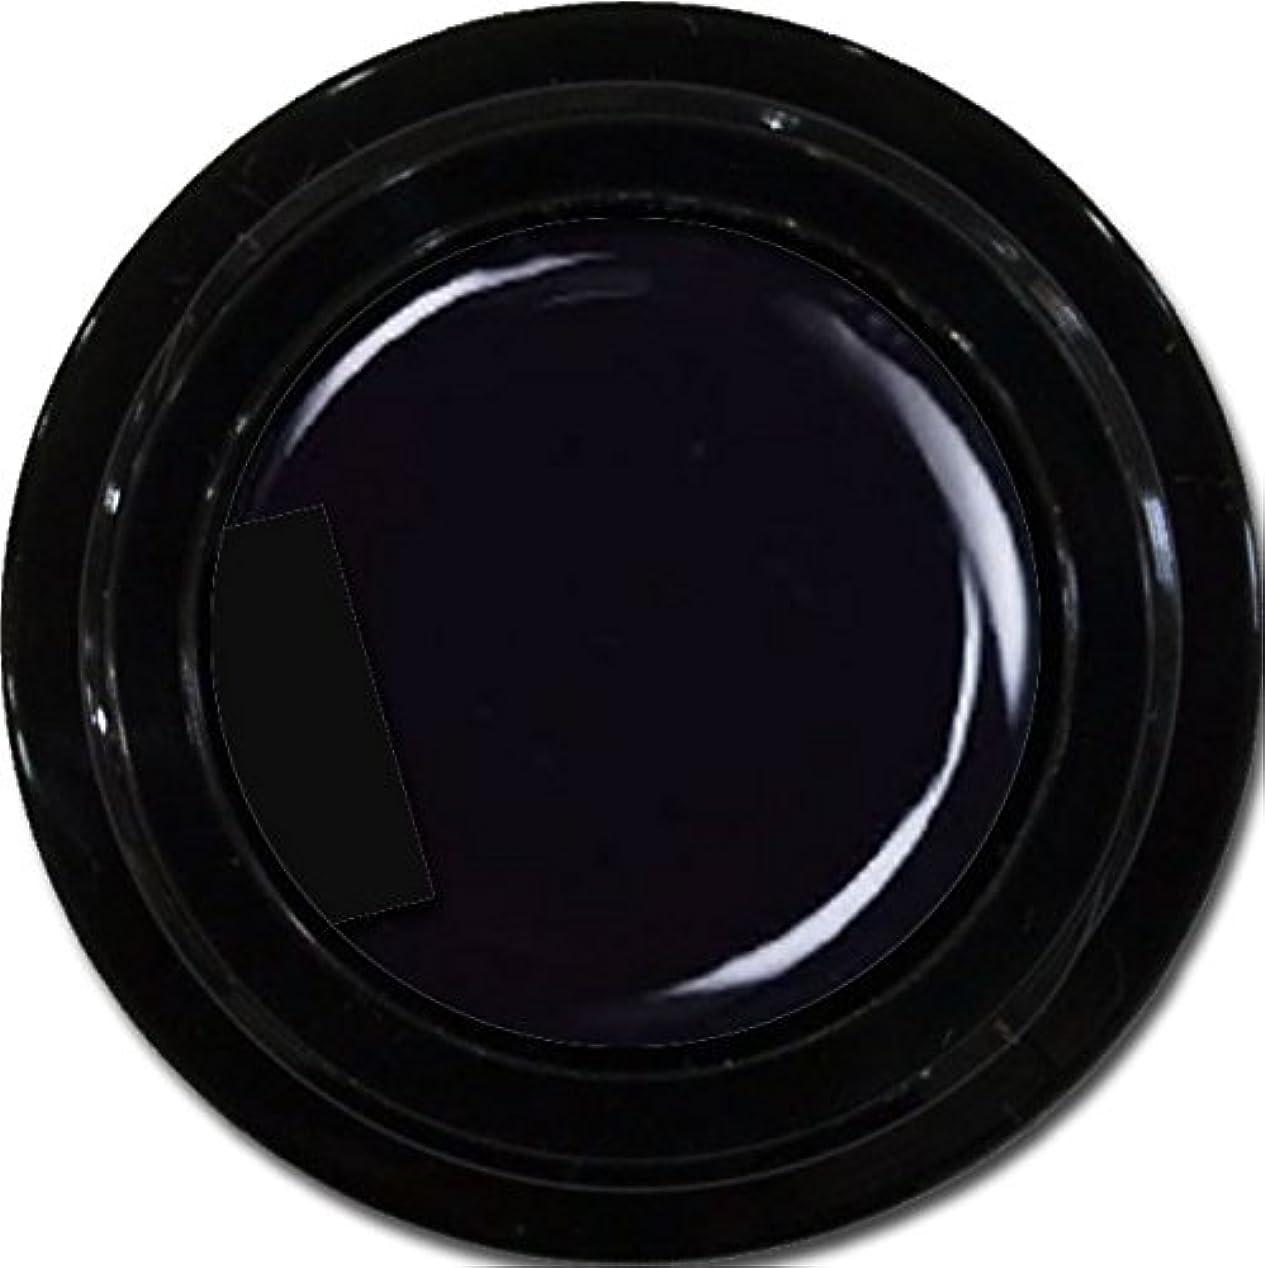 はず机パットカラージェル enchant color gel M901 Extreme Black 3g/マットカラージェル M901 エクストリームブラック 3グラム